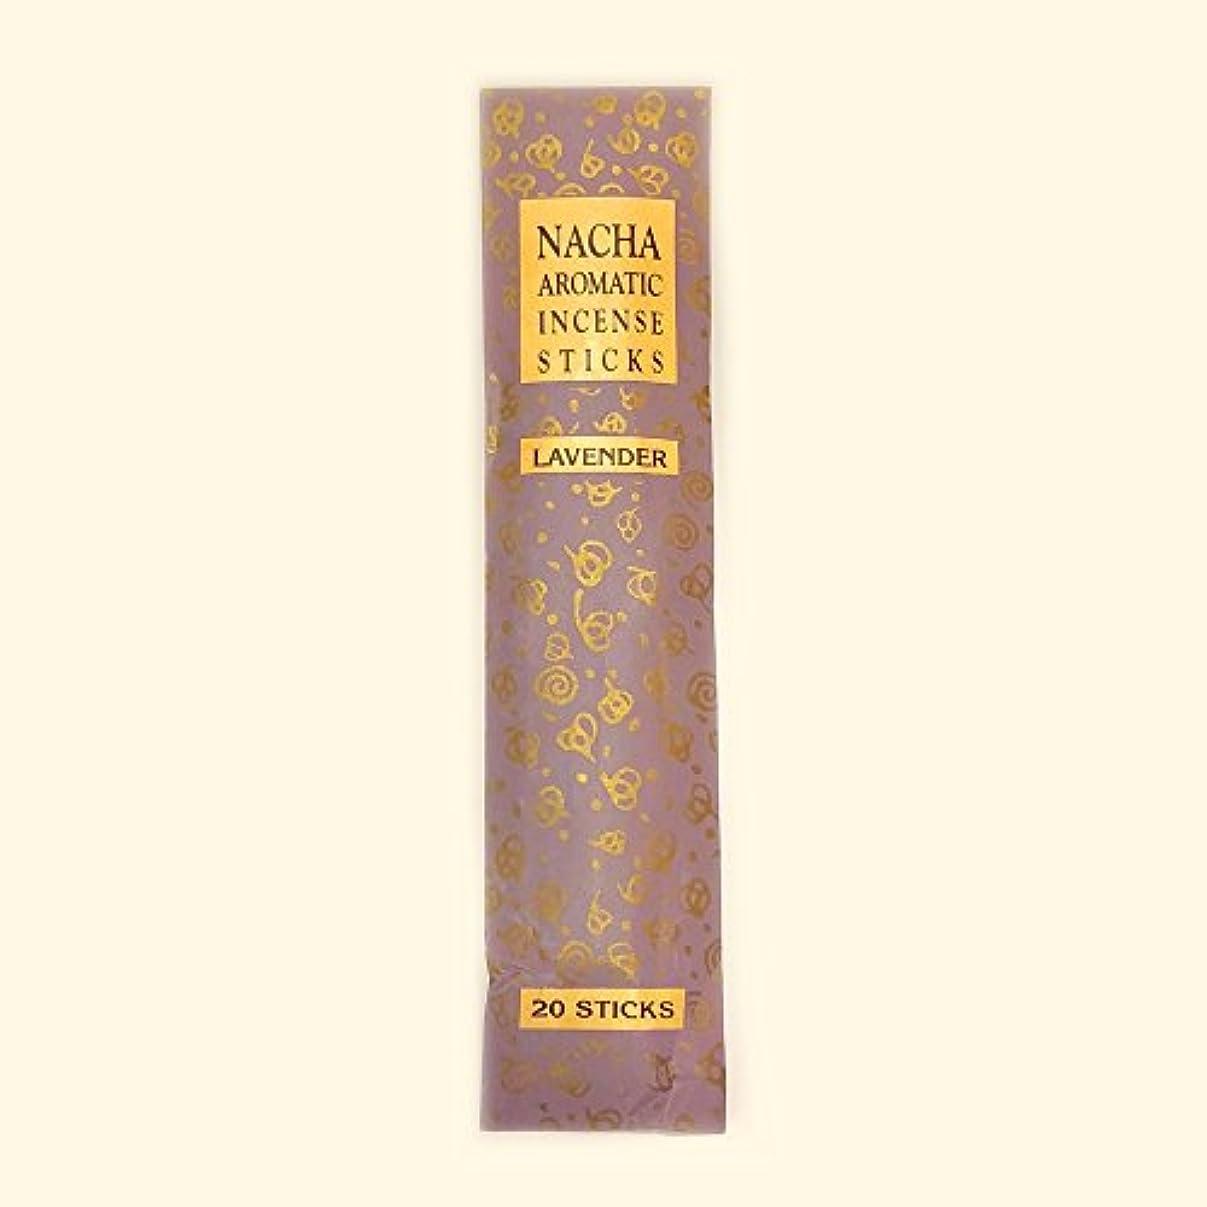 一般化するの前でつなぐ【NACHA】NACHA NATURALS インセンス ラベンダー